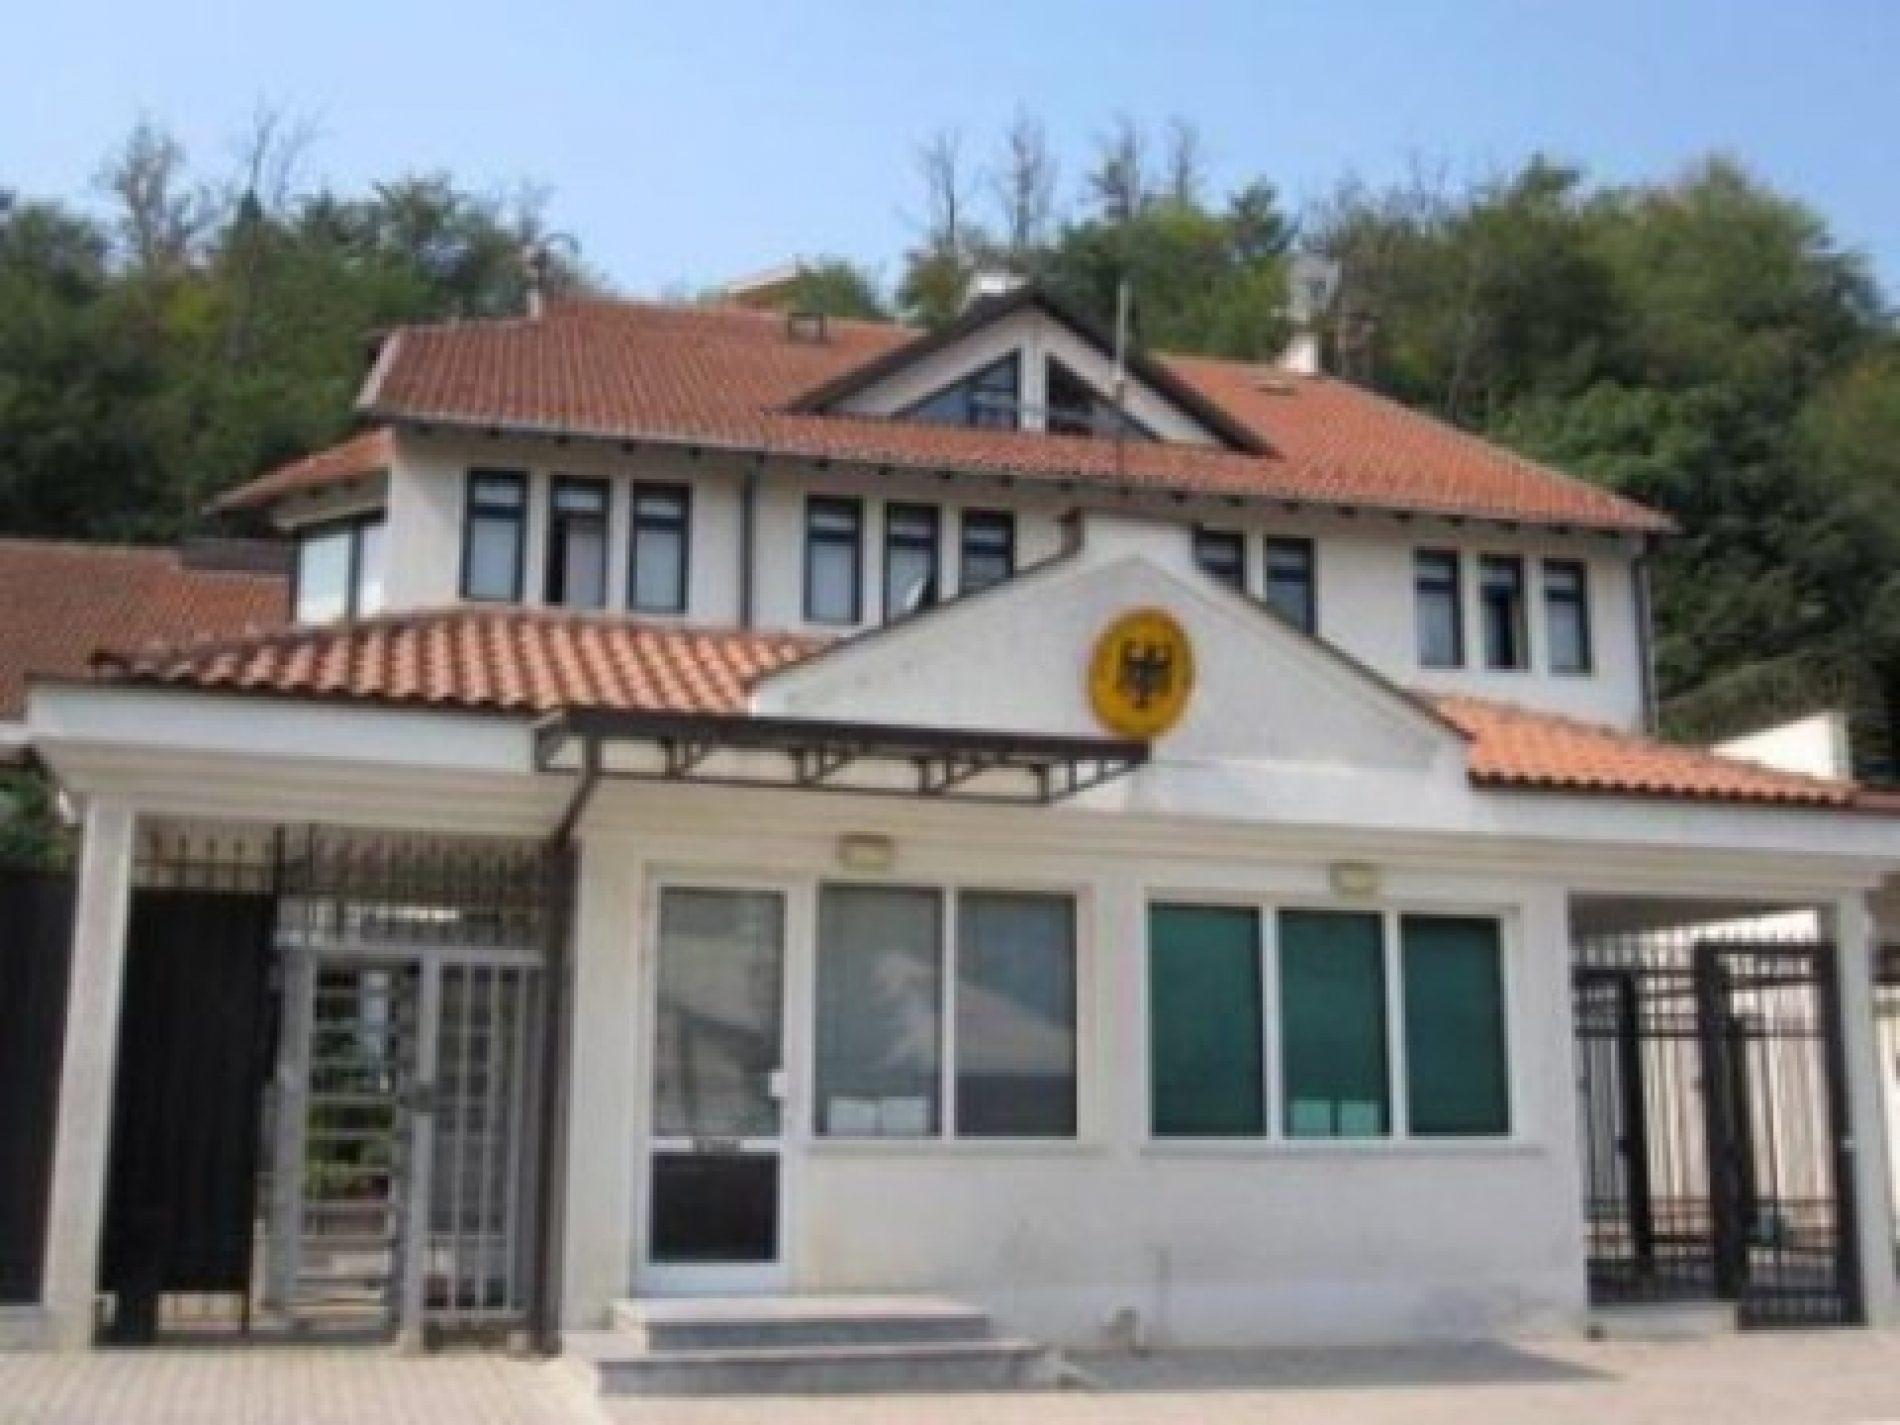 Ambasada gjermane e shqetësuar për vendimin e Ivanovit, përkrahje për PSP-në